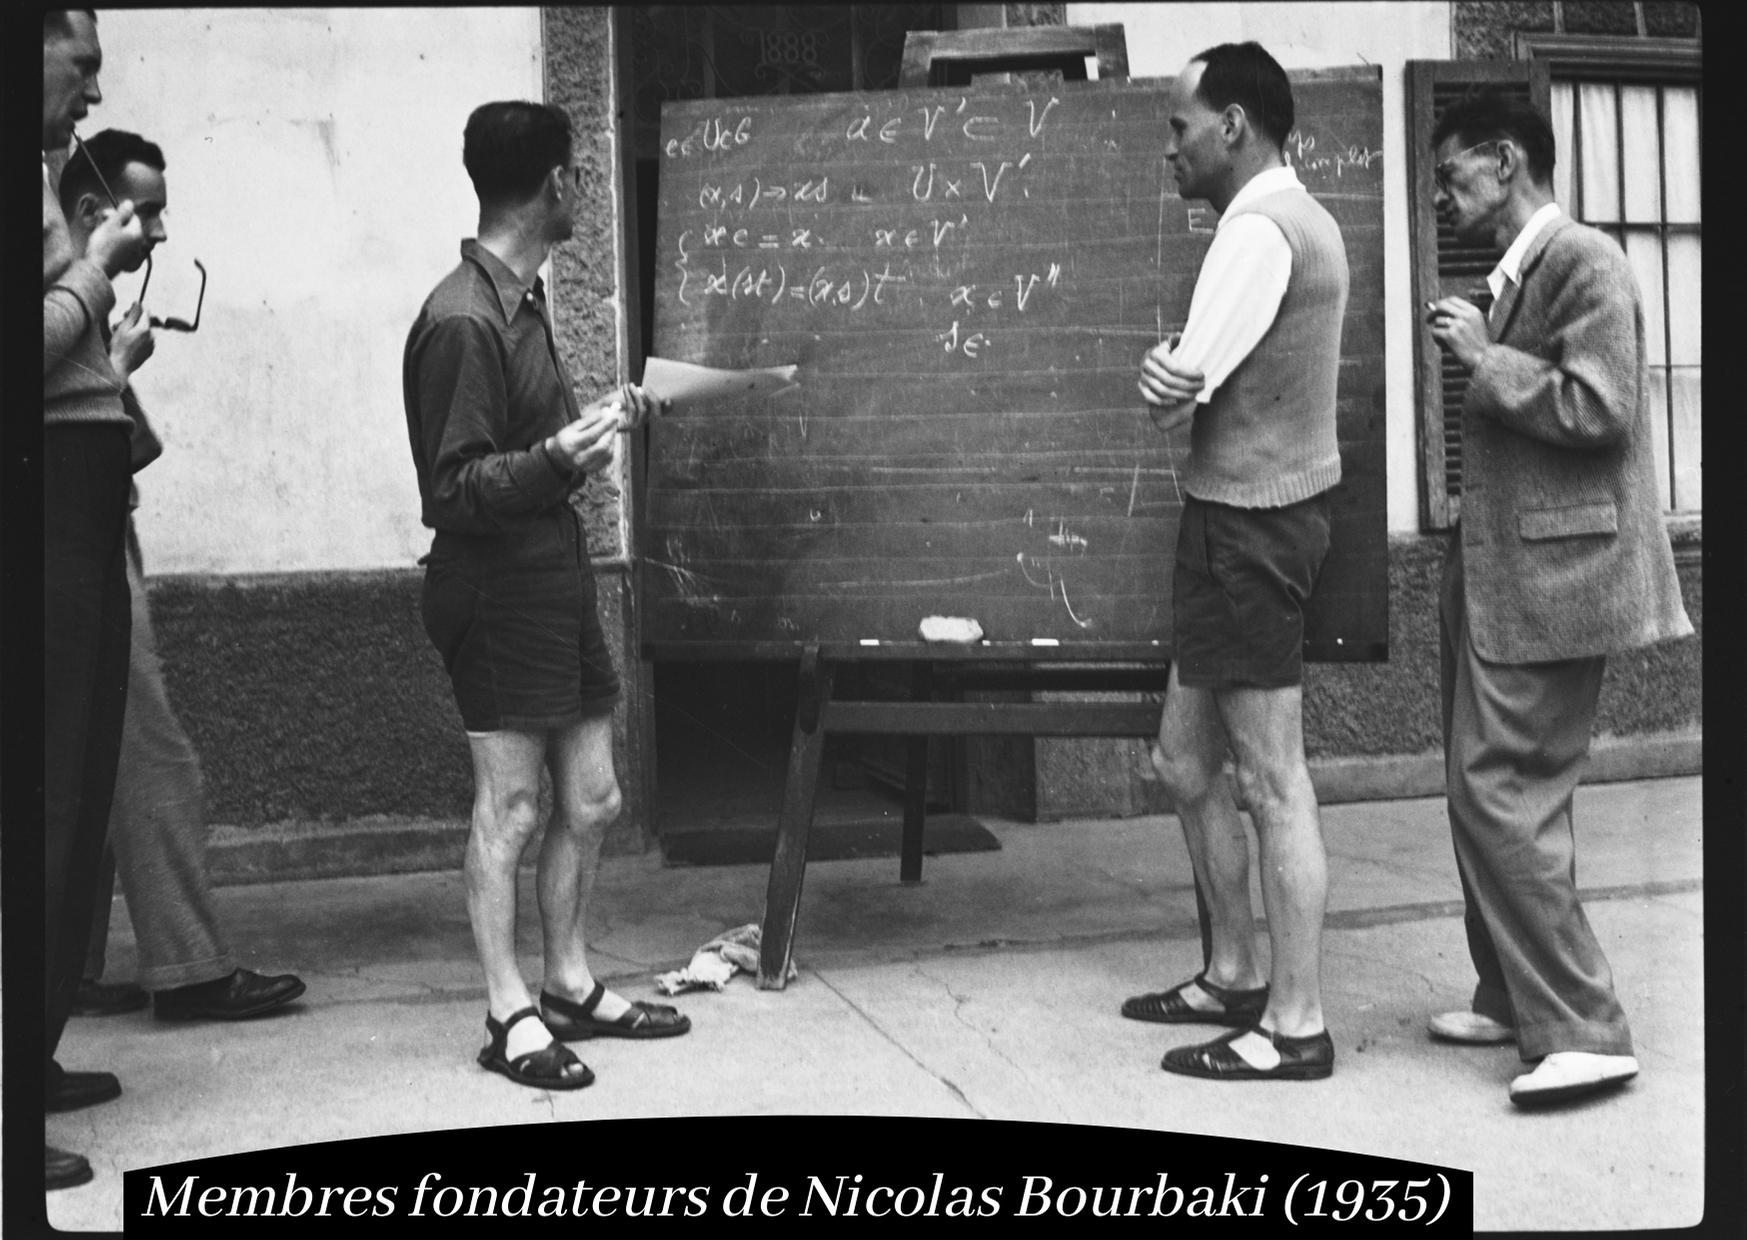 Membres fondateurs de Nicolas Bourbaki (1935)